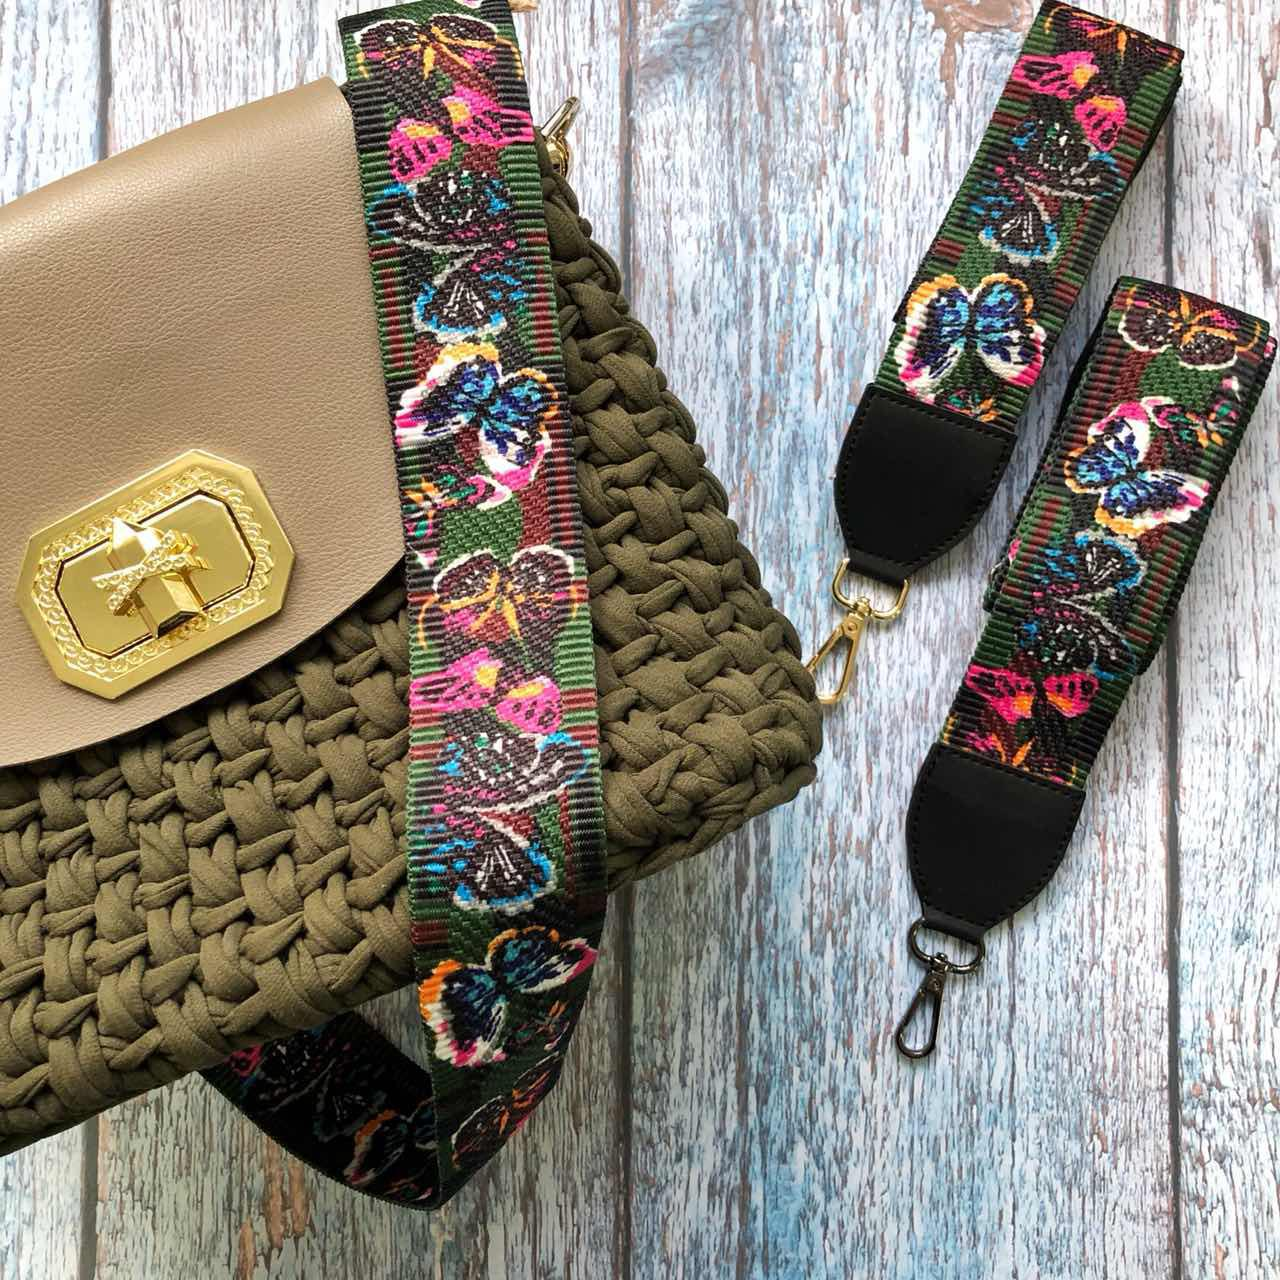 045d48959228 Плечевой ремень для сумки в стиле Fendi. фурнитура для сумок от ...